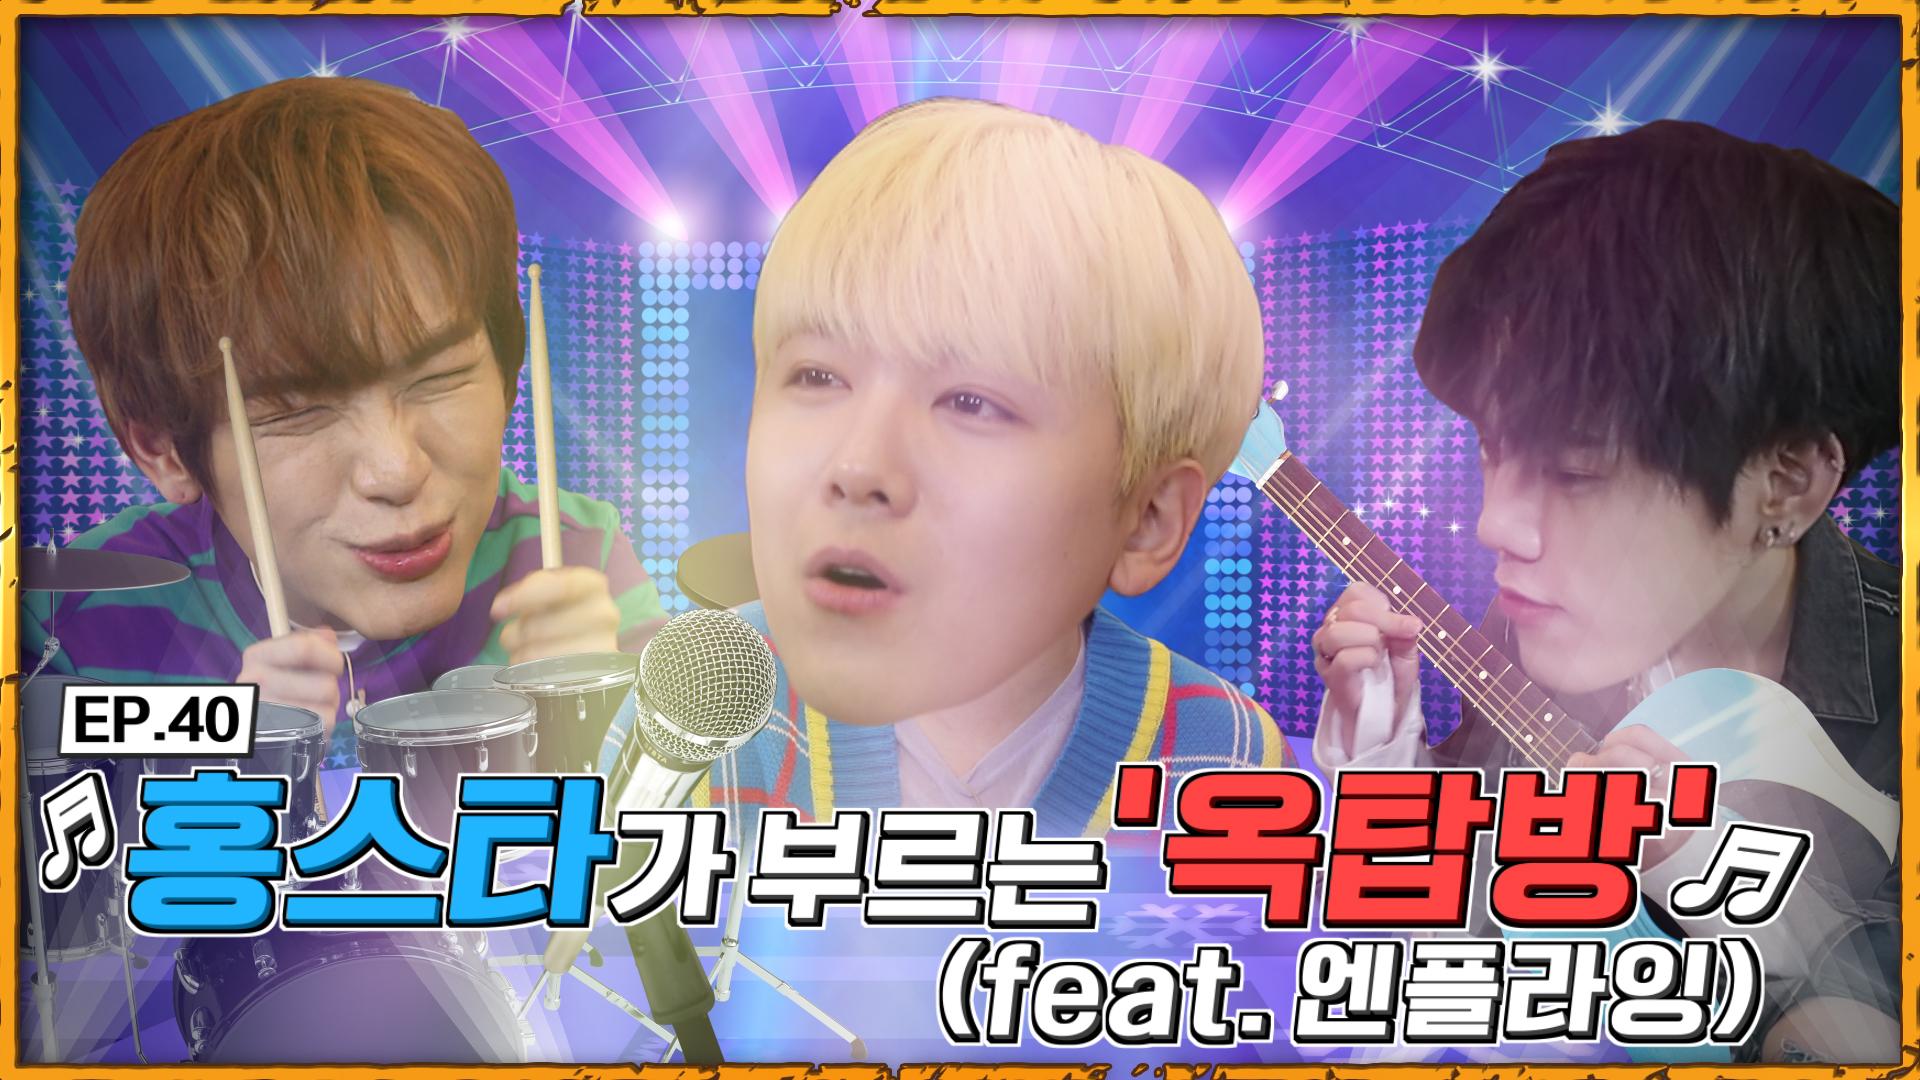 [핵인싸 동맹] EP.40 홍스타가 부르는 '옥탑방' (feat.엔플라잉)